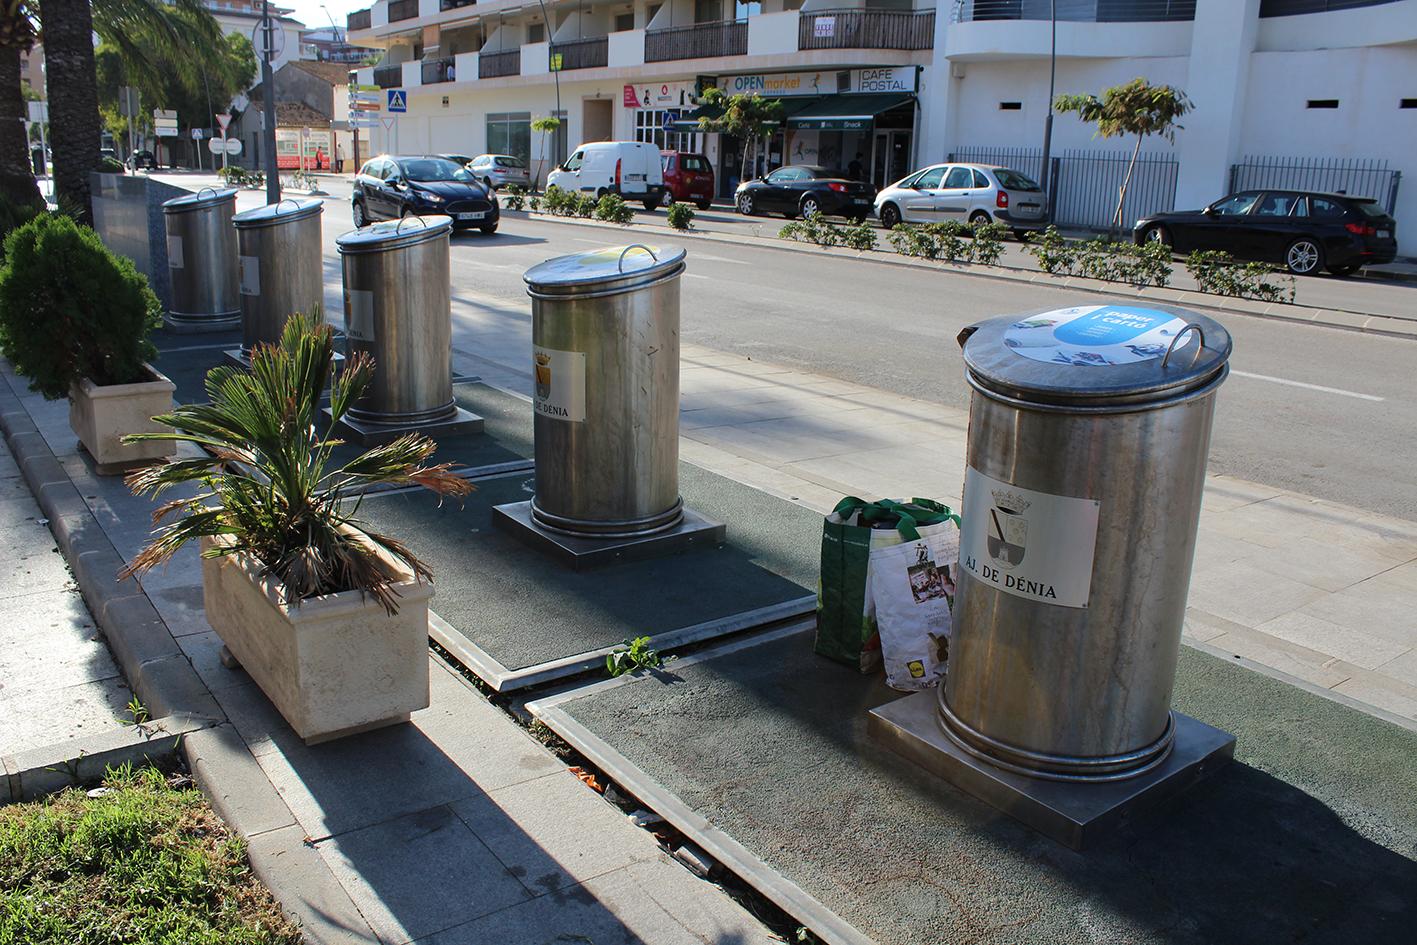 El Ple aprovarà la setmana pròxima traure a licitació el nou servei de recollida de residus ...